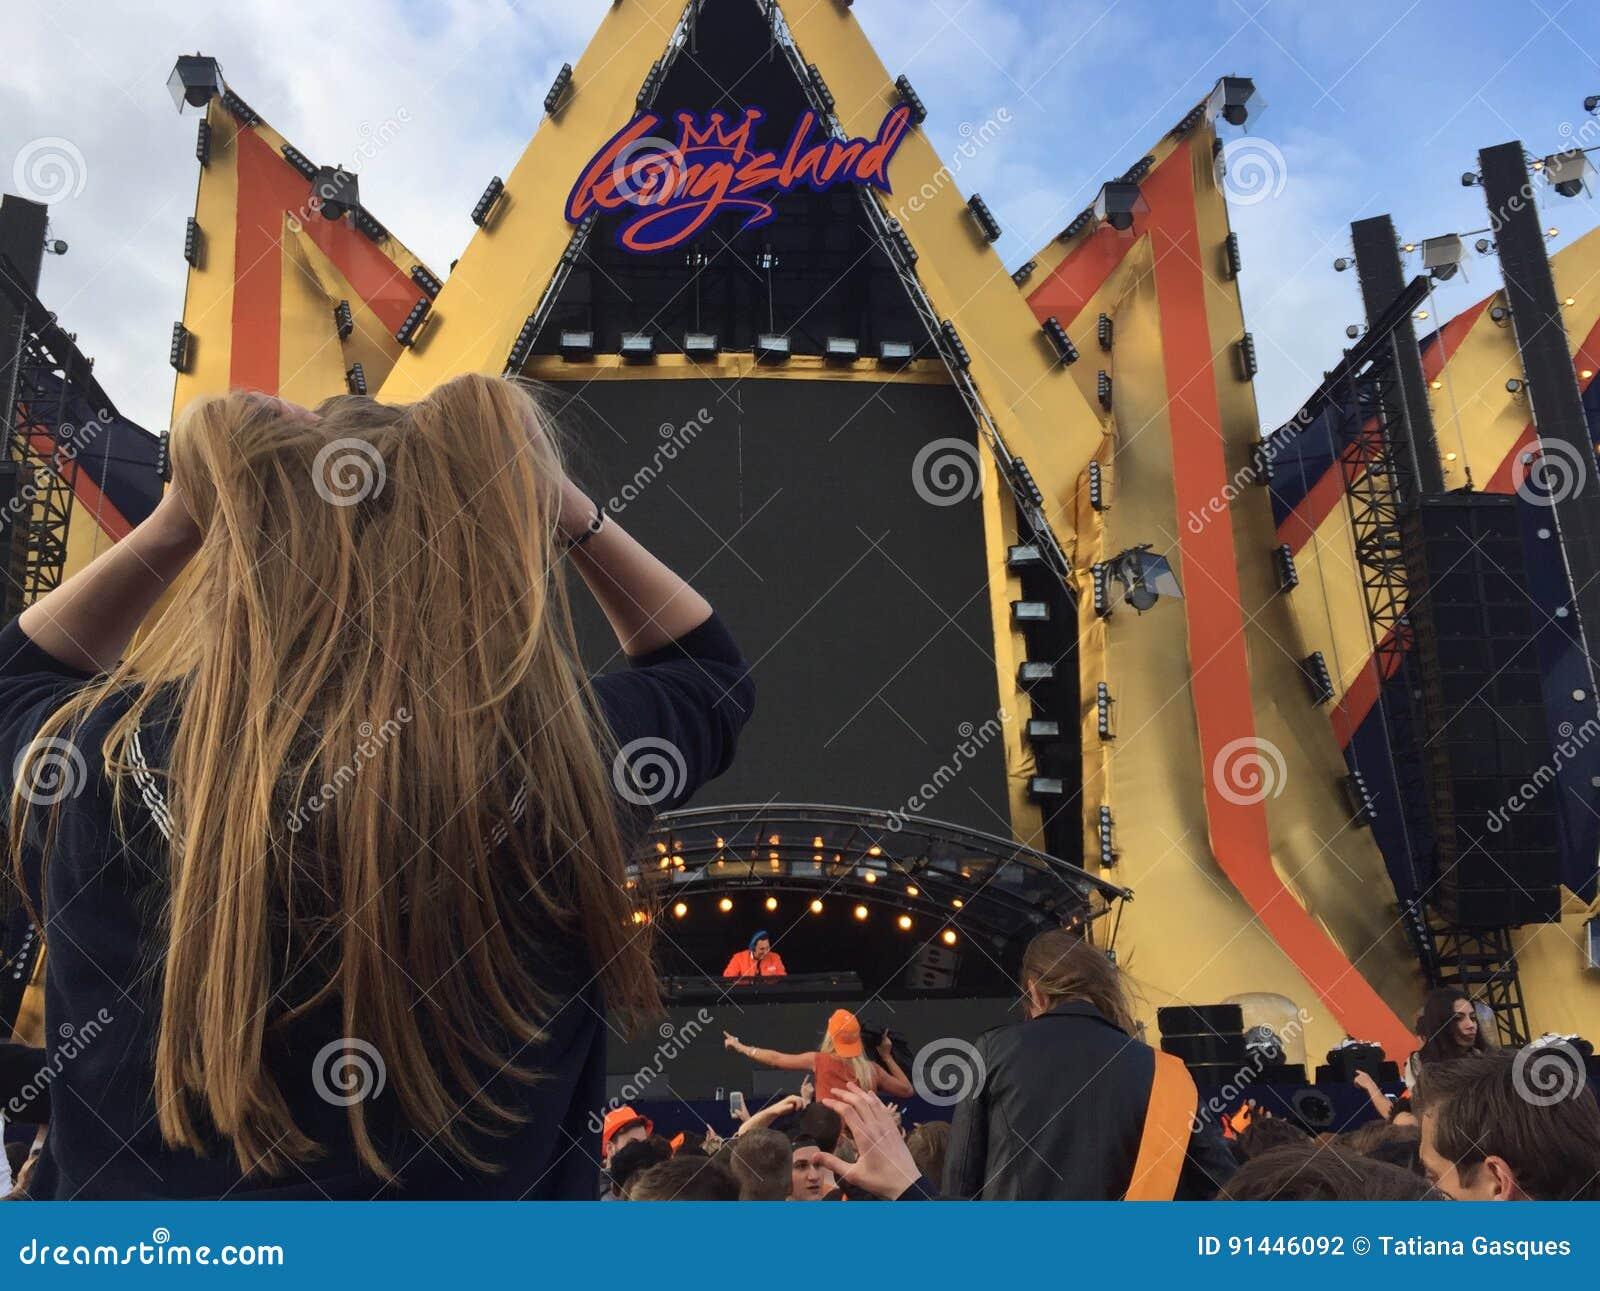 Kingslandfestival in Amsterdam